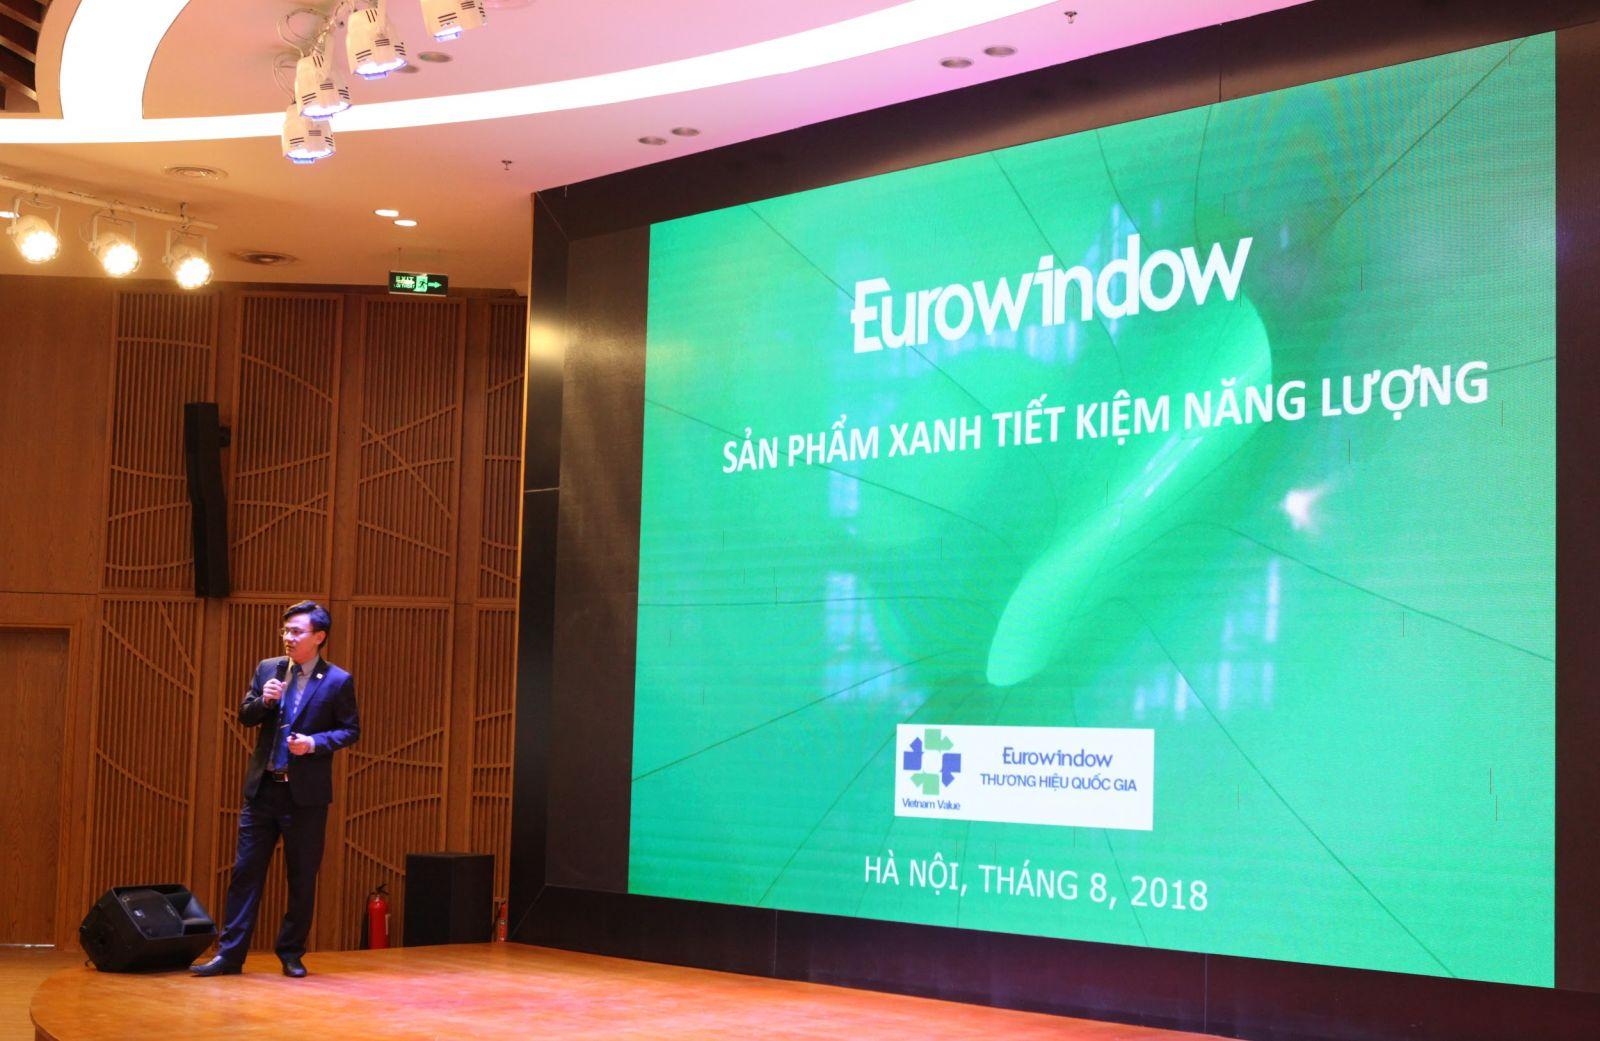 Ông Vũ Trọng Trung – Phó Tổng giám đốc Eurowindow đề cao sự am hiểu của các kiến trúc sư về đặc tính và chi phí của các loại vật liệu, từ đó đưa ra giải pháp sáng tạo nhưng vẫn hợp lý